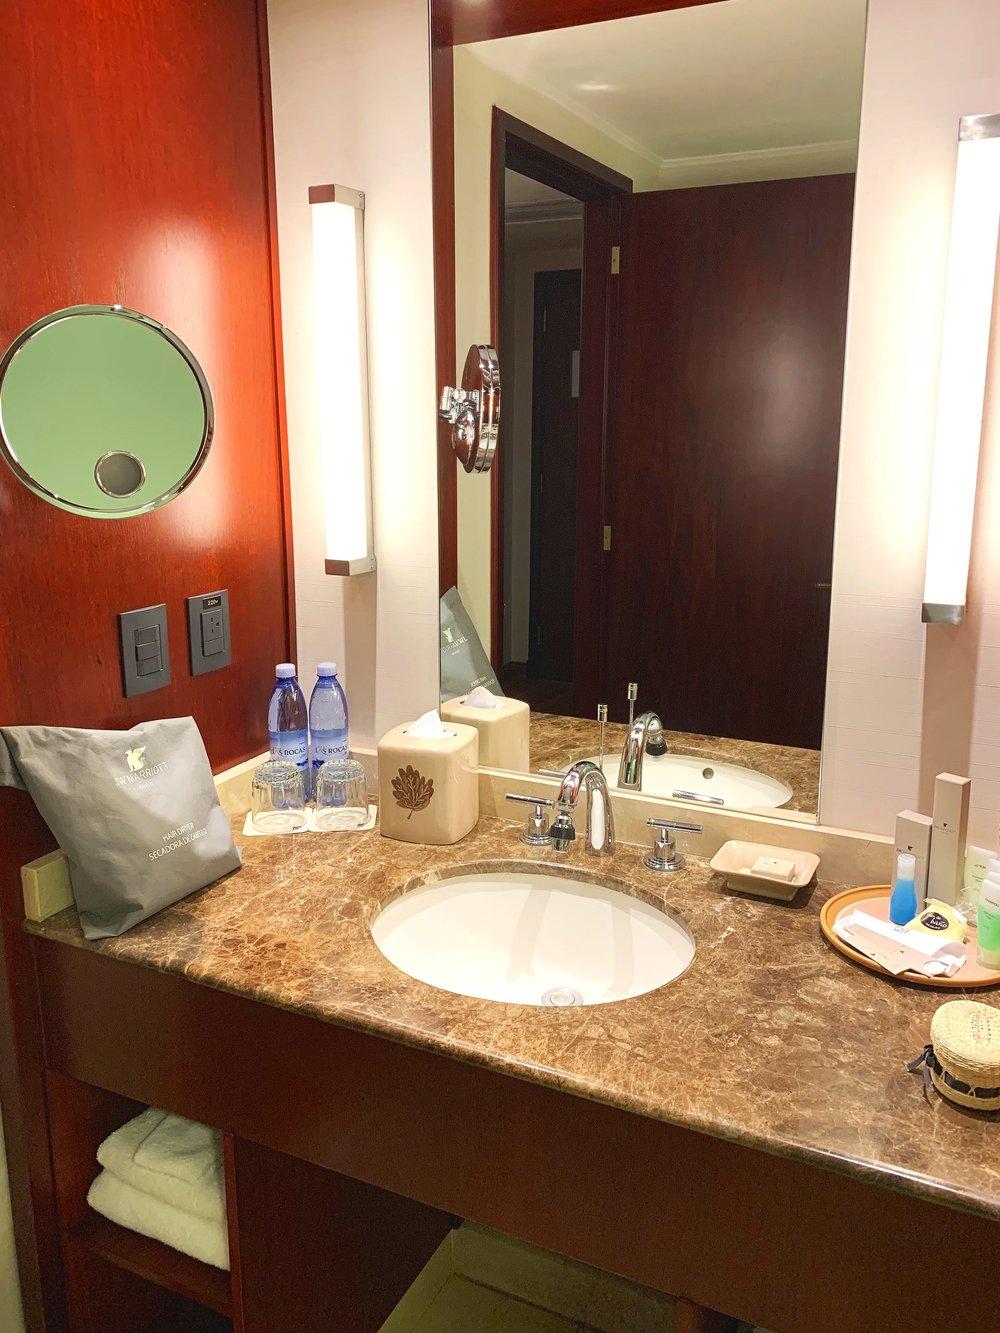 The lovely spacious bathroom.